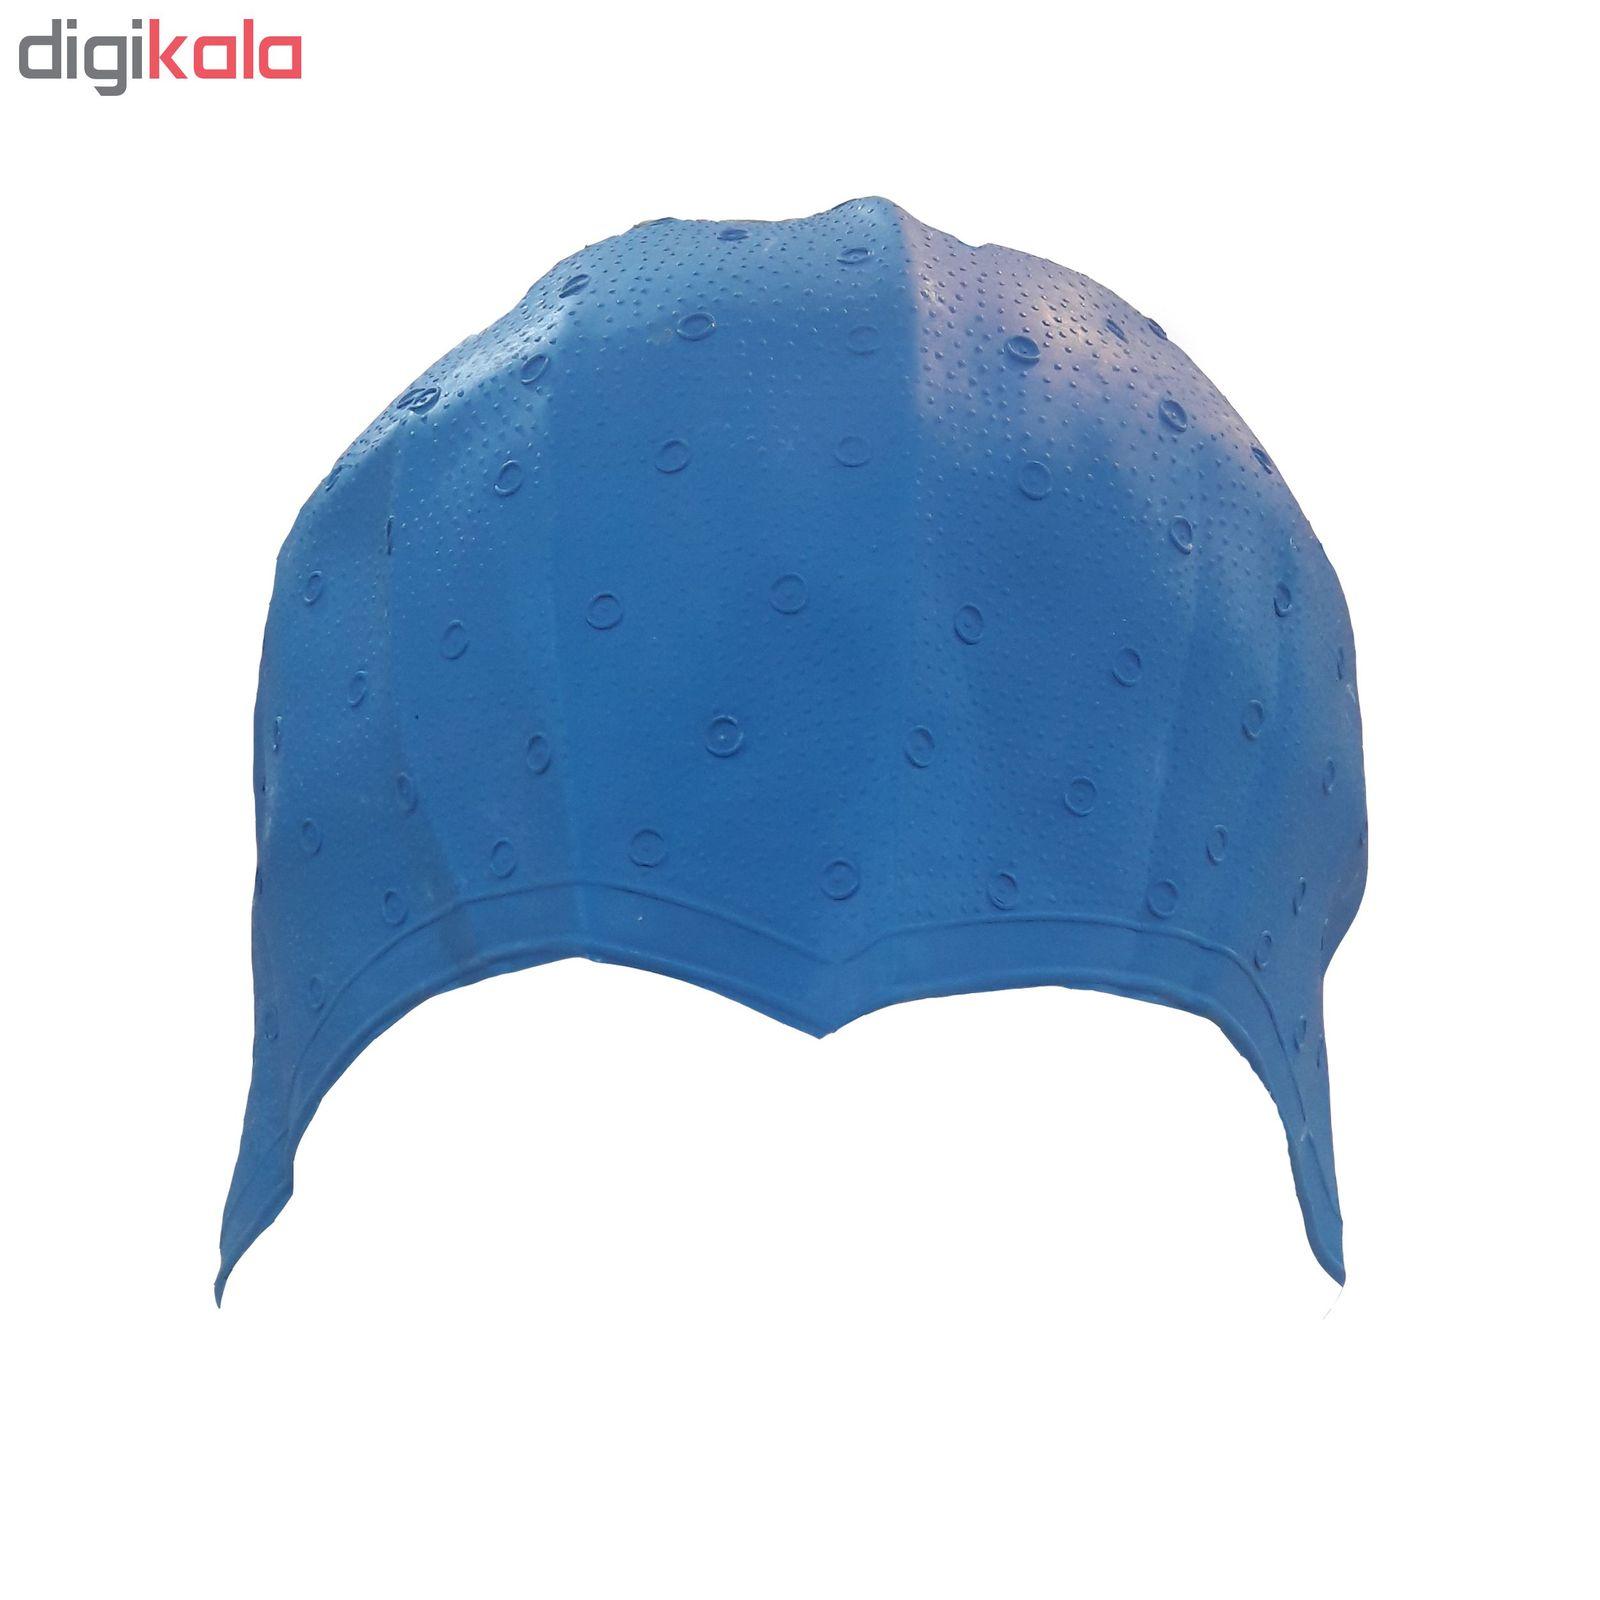 کلاه مش کد 001 main 1 1